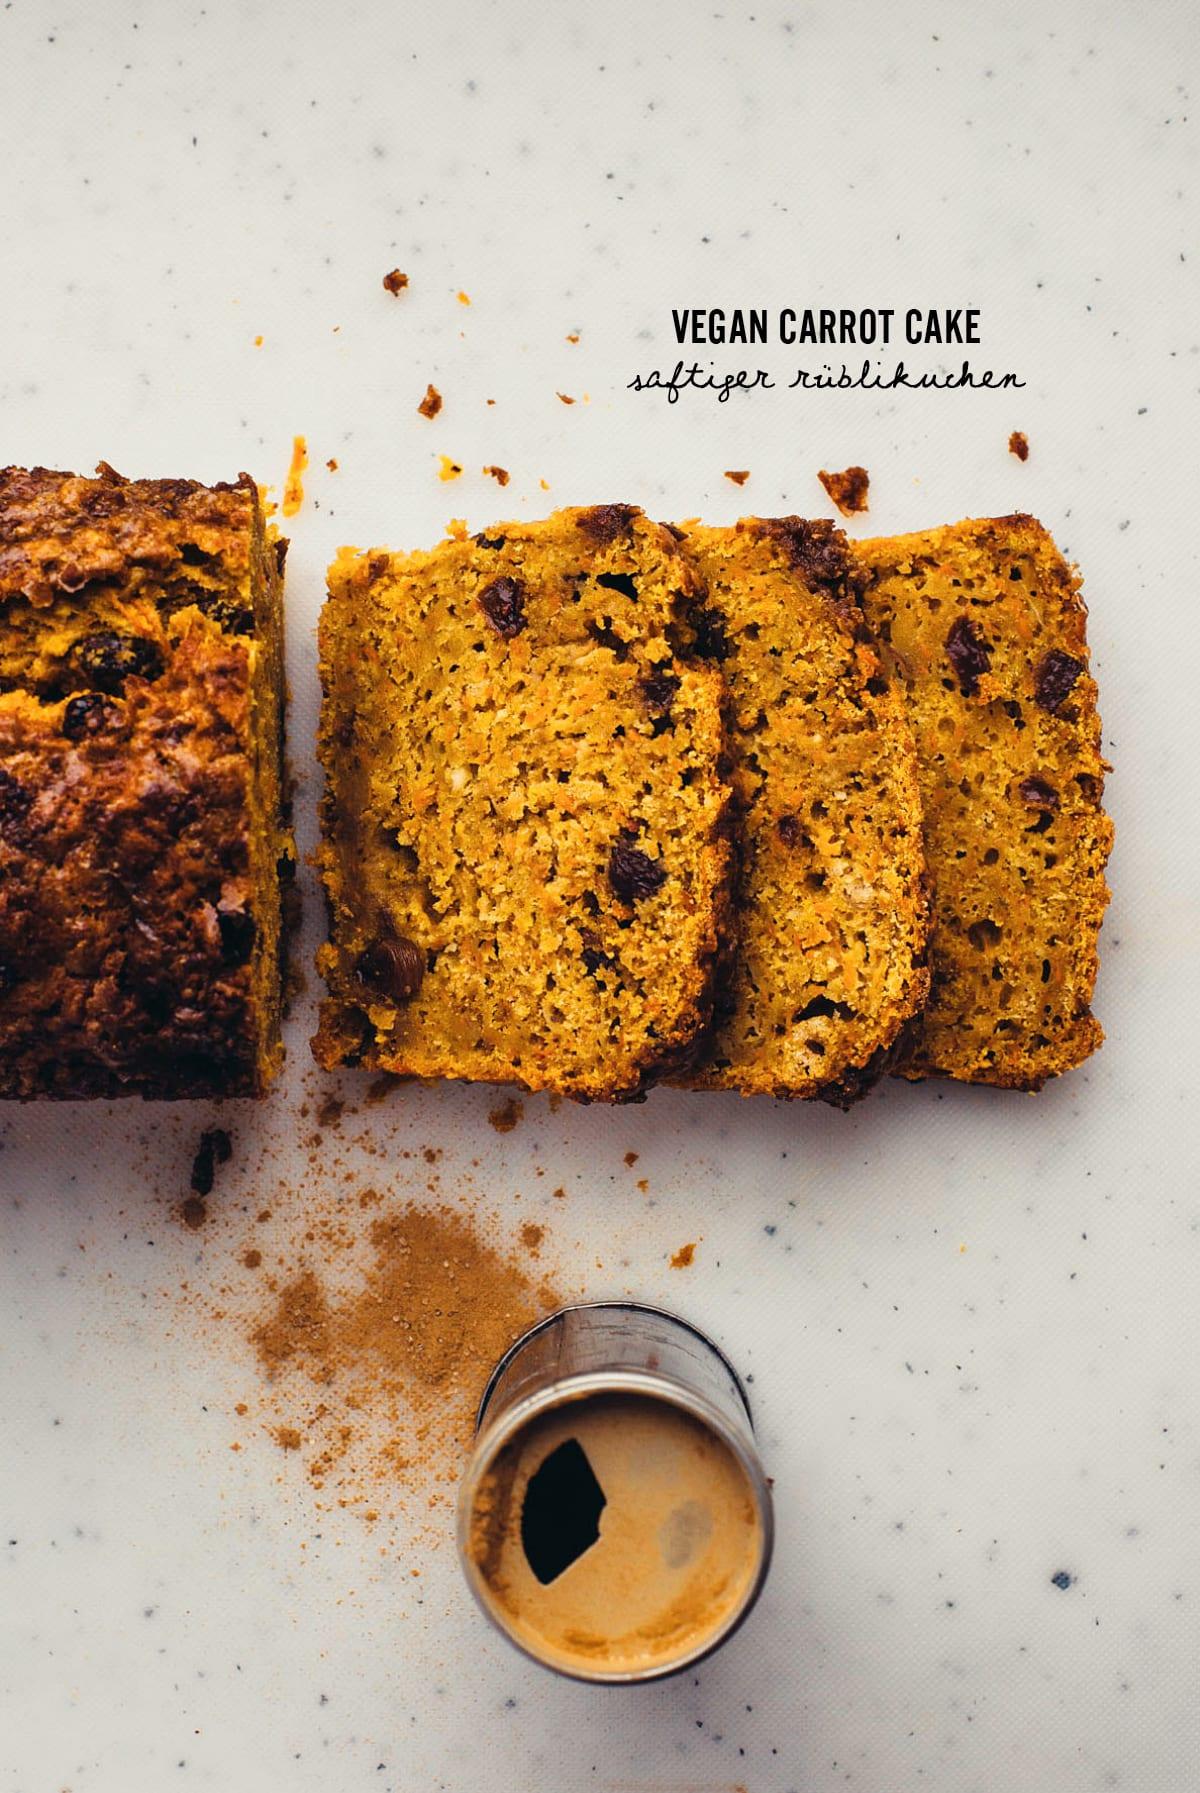 Vegan Carrot Cake Saftiger Rublikuchen